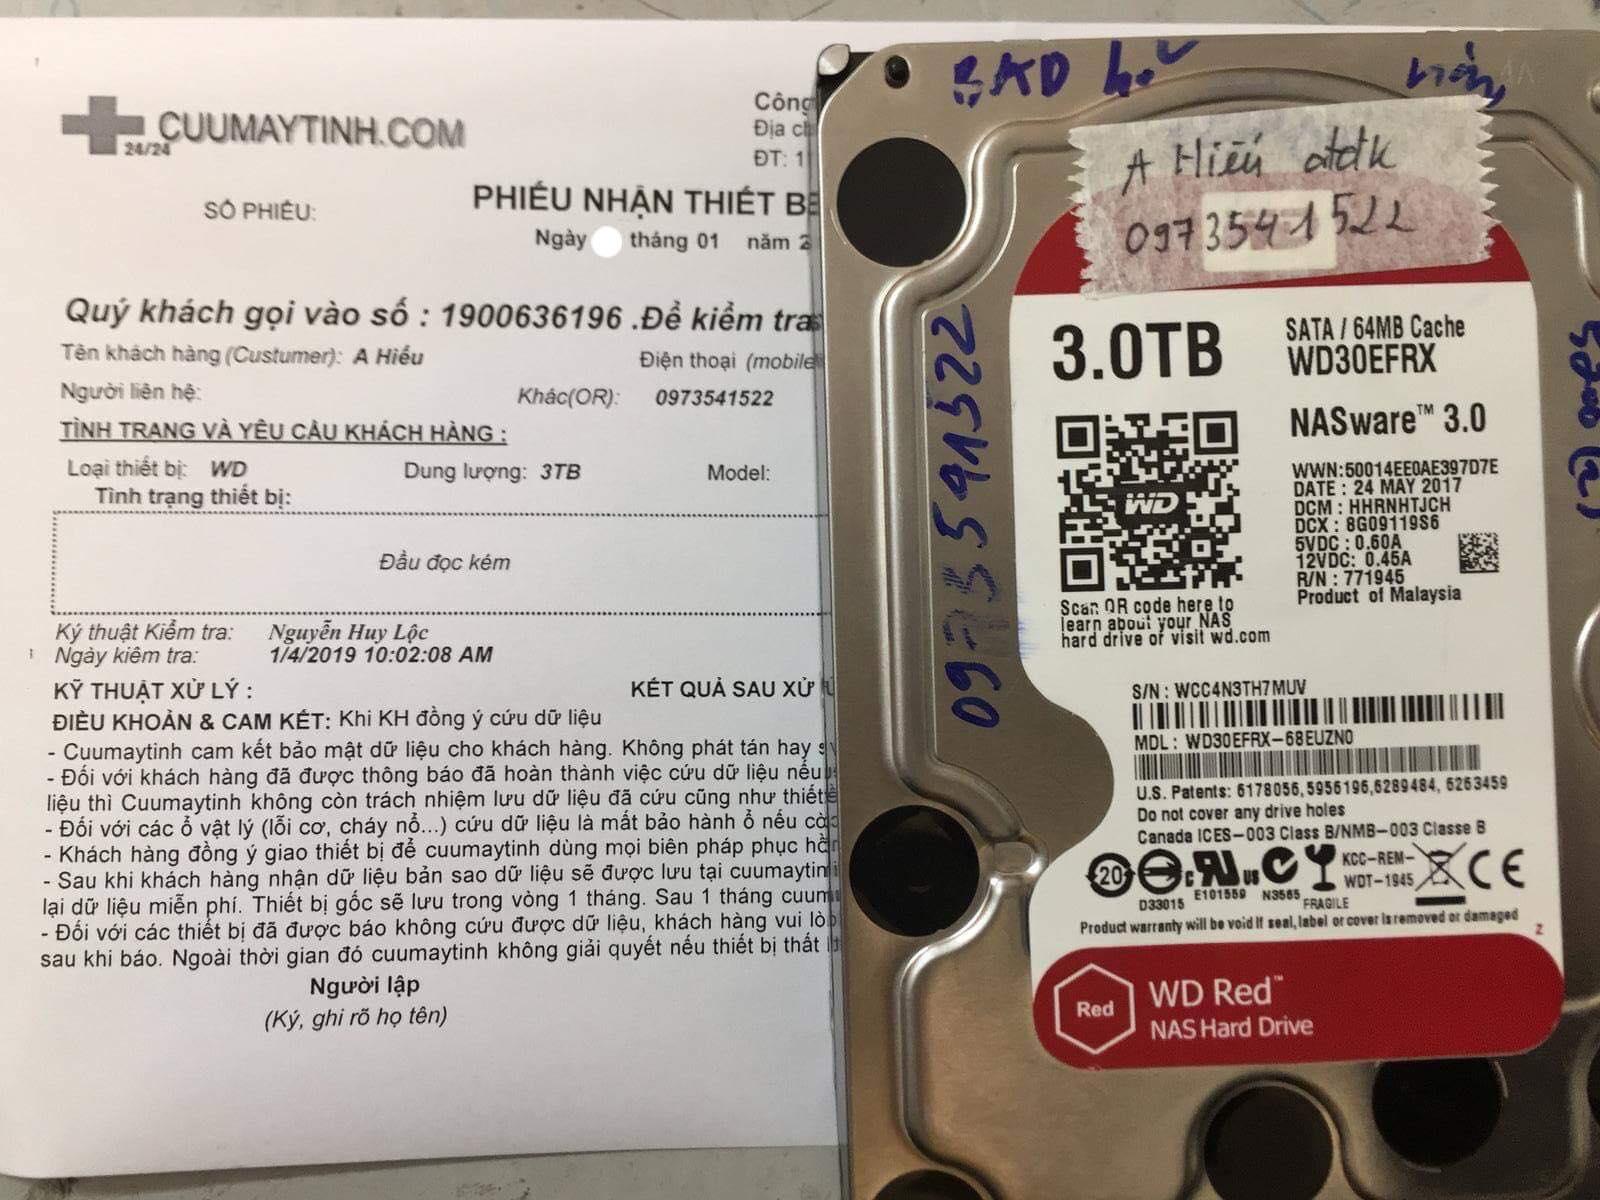 Lấy lại dữ liệu ổ cứng Western 3TB đầu đọc kém 02/01/2019 - cuumaytinh